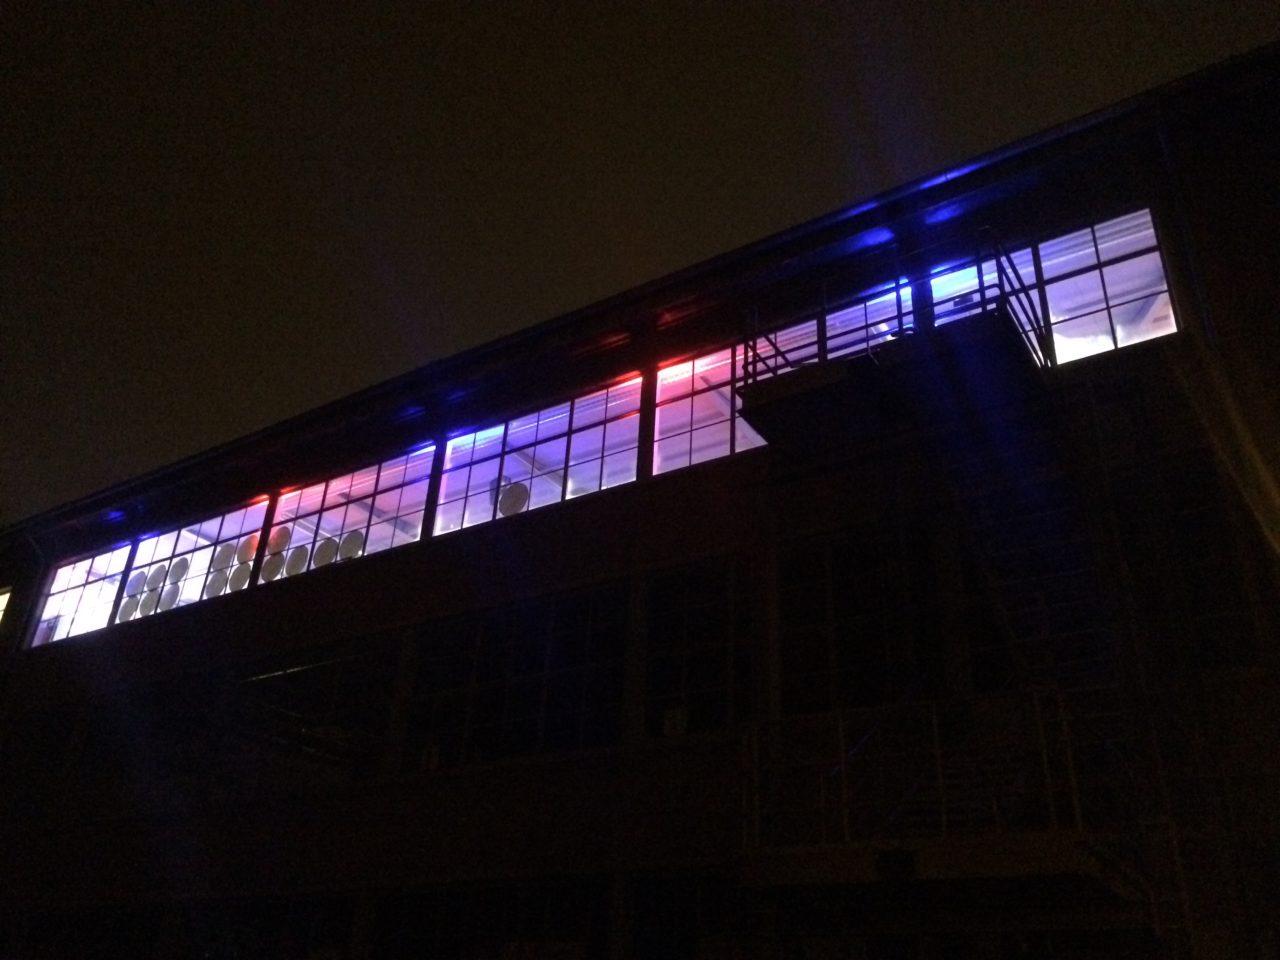 Automobilmuseum Eisenach bei Nacht